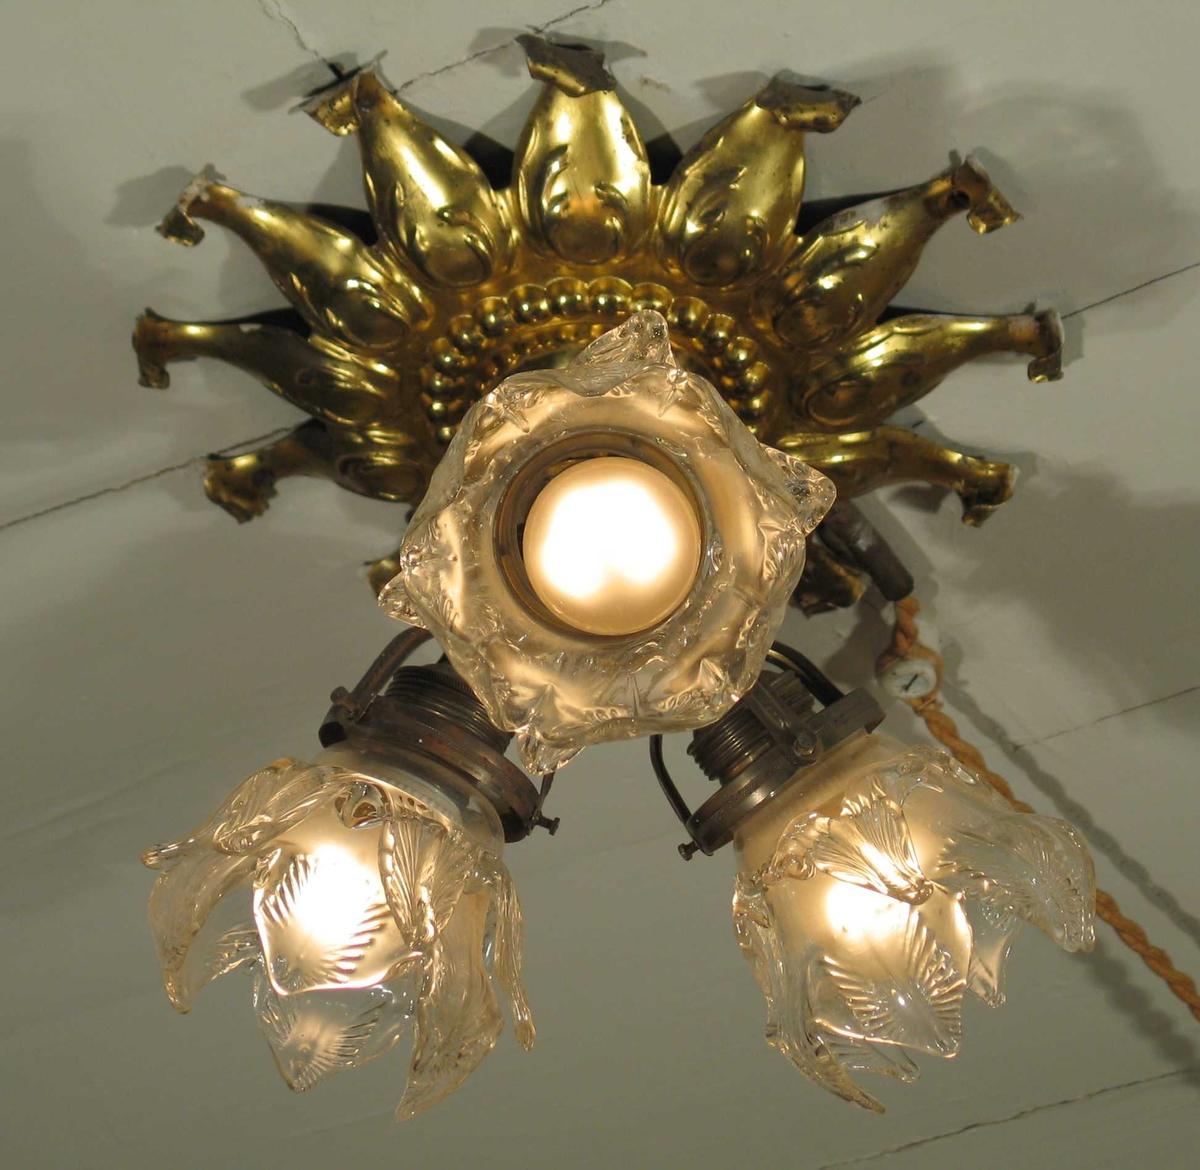 Taklampe i messing med tolvfingret rosett i taket. Den har tre lysarmer med dobbel bladformet glasskjerm.